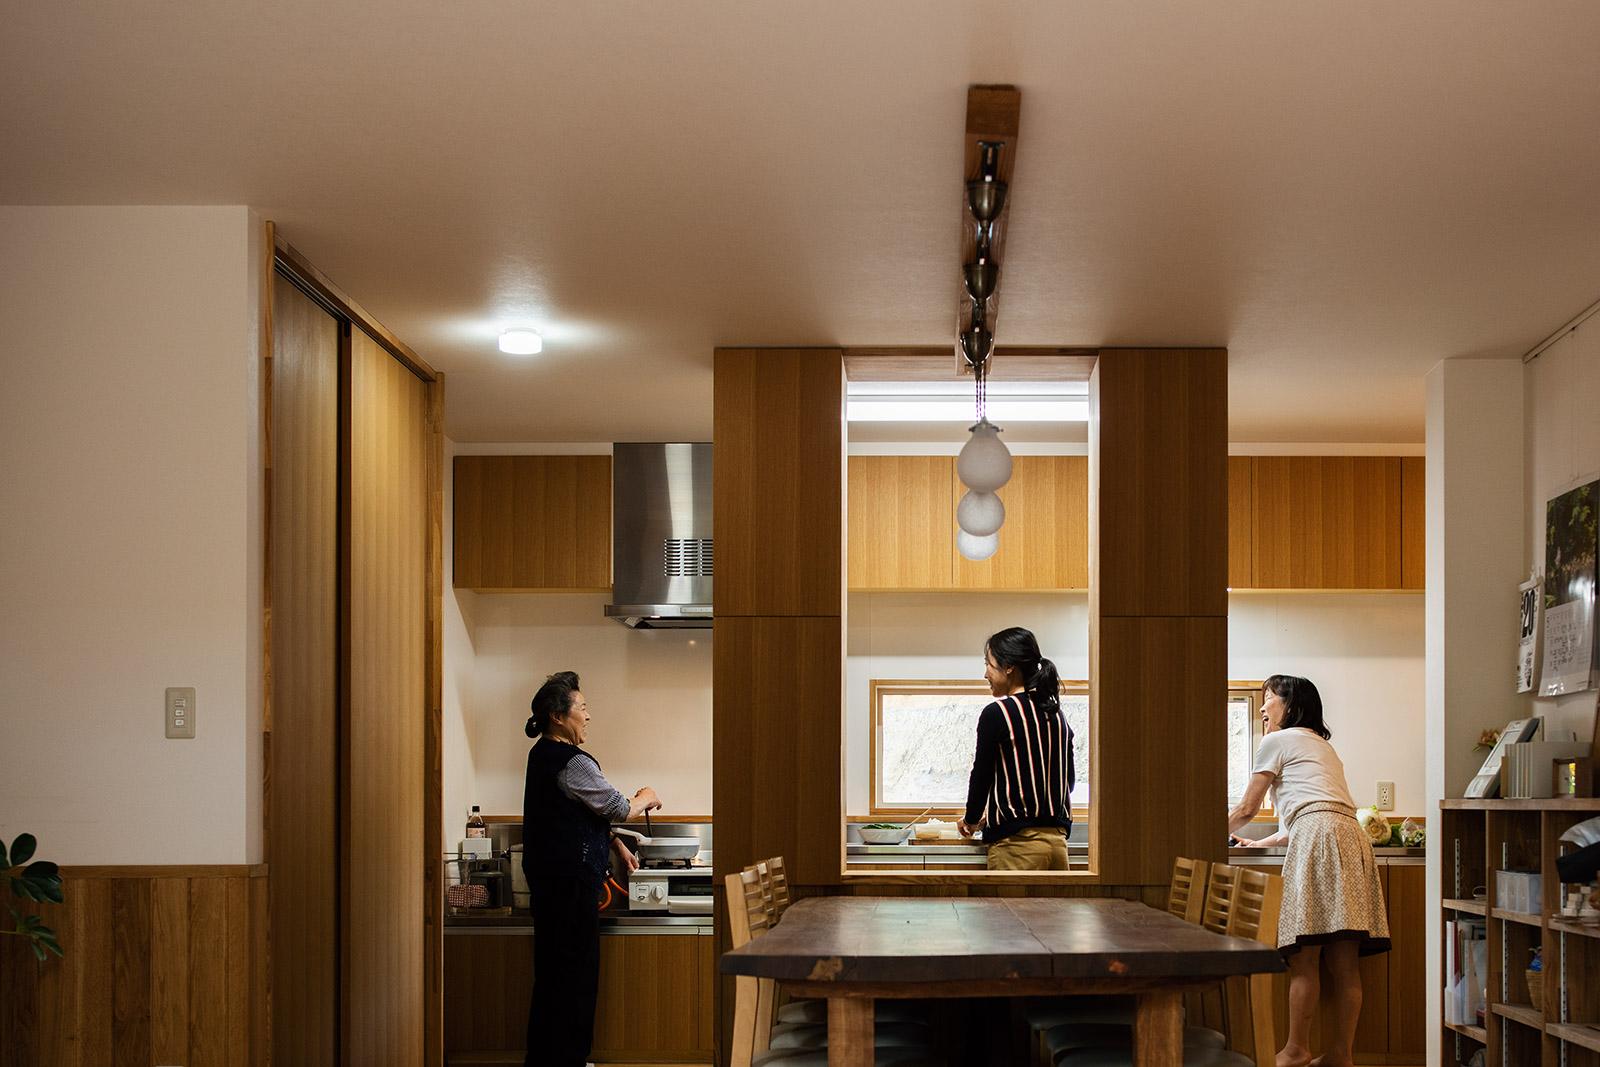 3世代で立っても、まだ余裕のある広いキッチン。無垢のエンジュでつくられた食卓テーブルは、大人8人がゆったり座れるサイズ